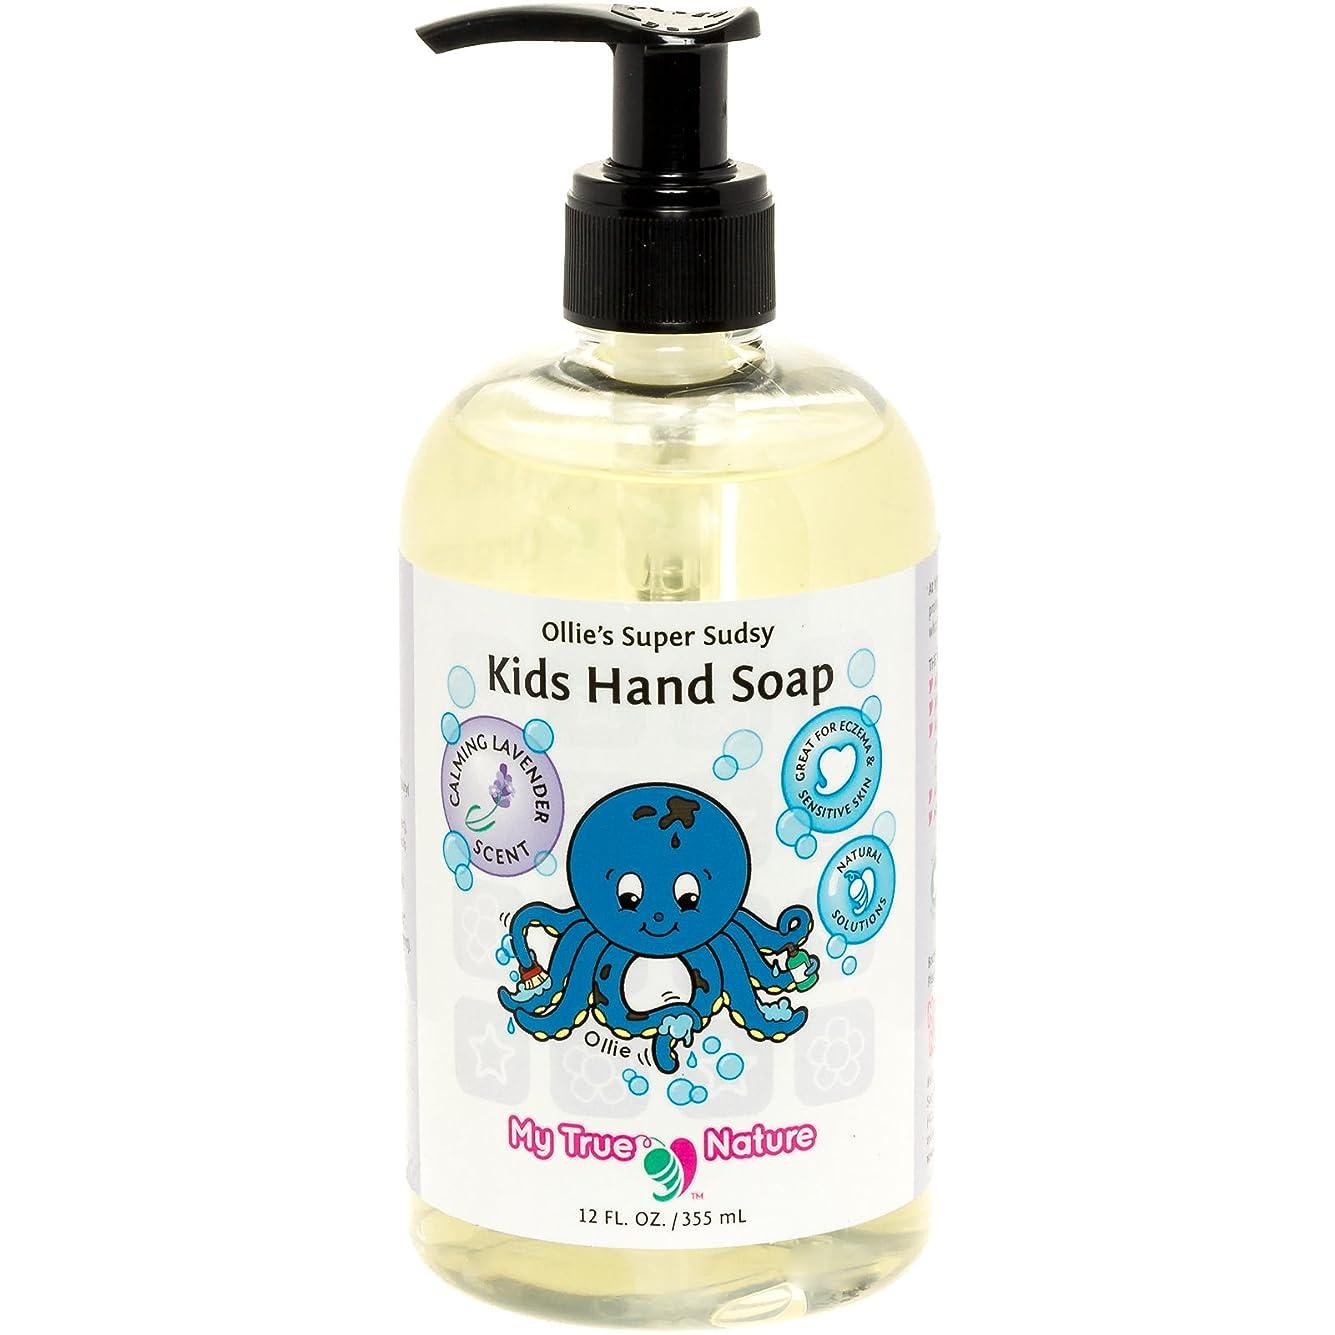 ポテト追い払う時間とともにAll Natural Kids Soap - Ollie's Super Sudsy Liquid Hand Soap - Lavender Scent, 12 oz by My True Nature